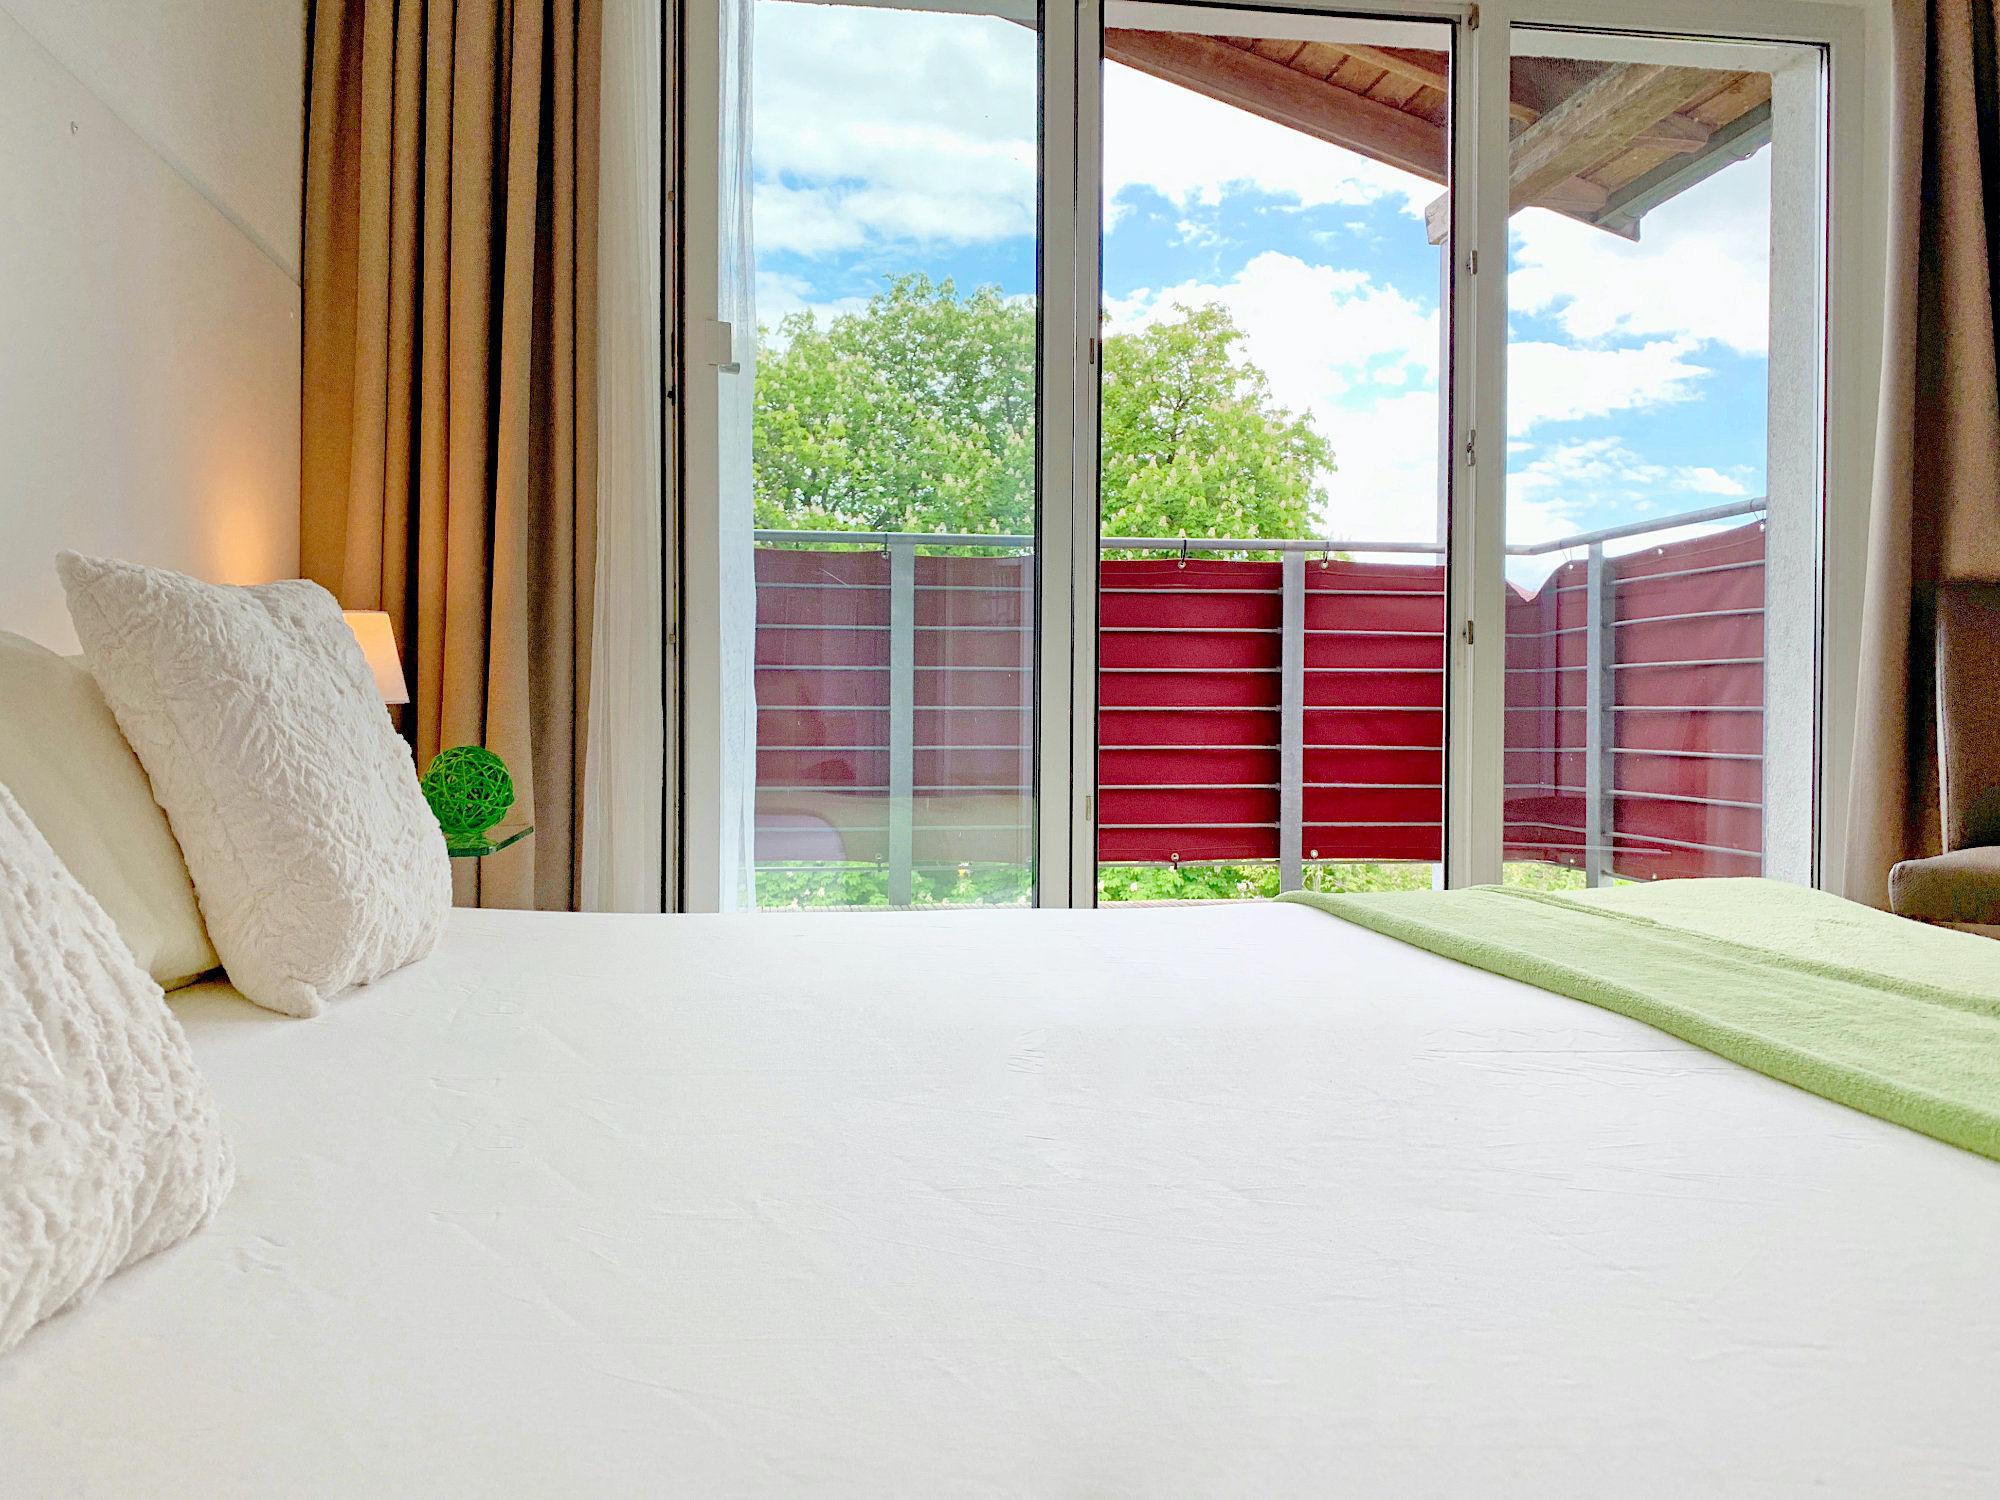 Schlafzimmer mit Doppelbett, im Hintergrund bodentiefe Fenster und Zugang zum Balkon